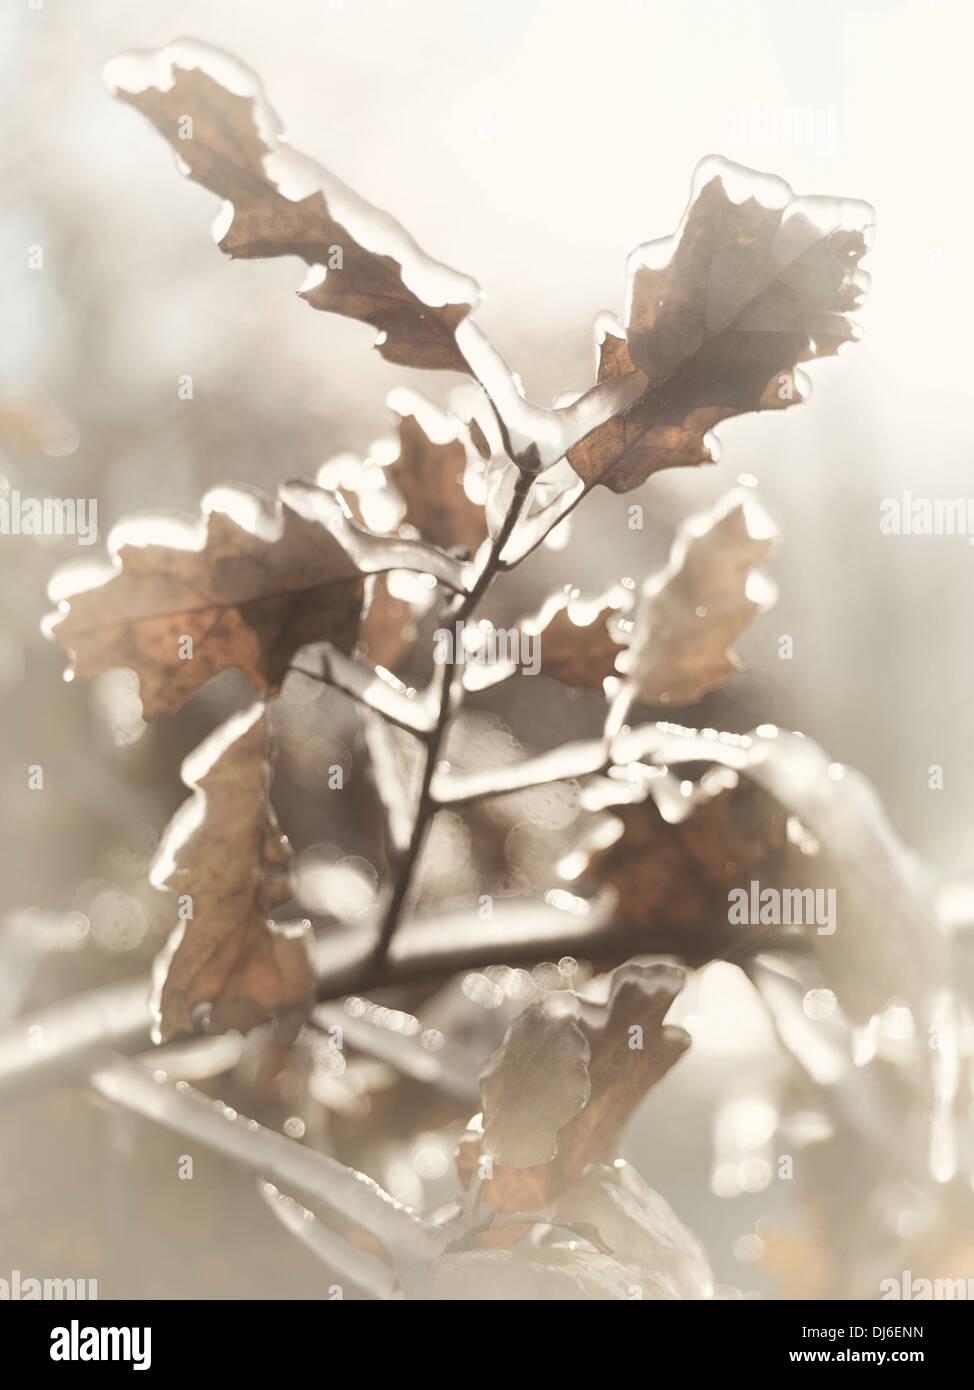 Gefrorene Zweig der Eiche Blätter mit Eis bedeckt. Künstlerische abstrakte Herbst Natur Nahaufnahme. Stockbild